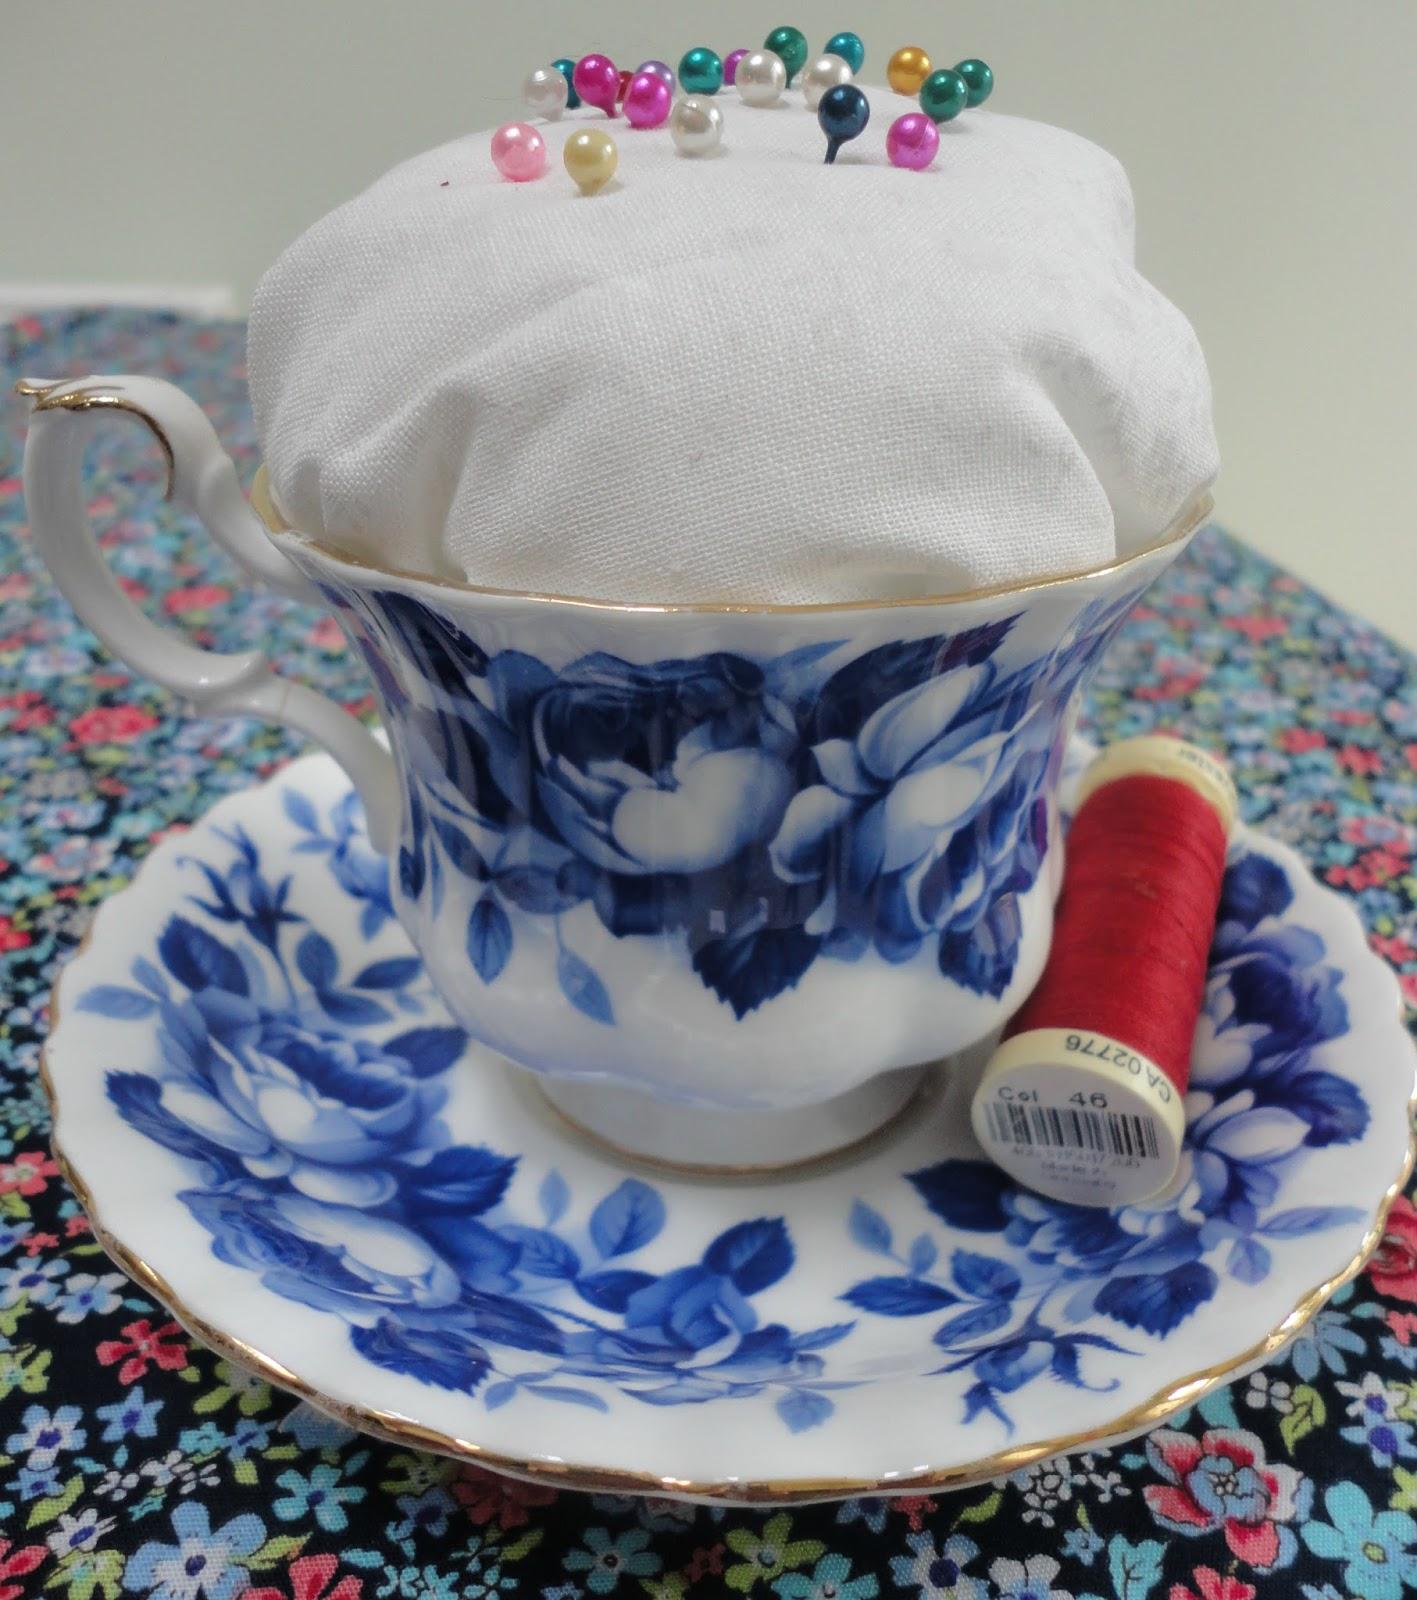 A vintage teacup pincushion